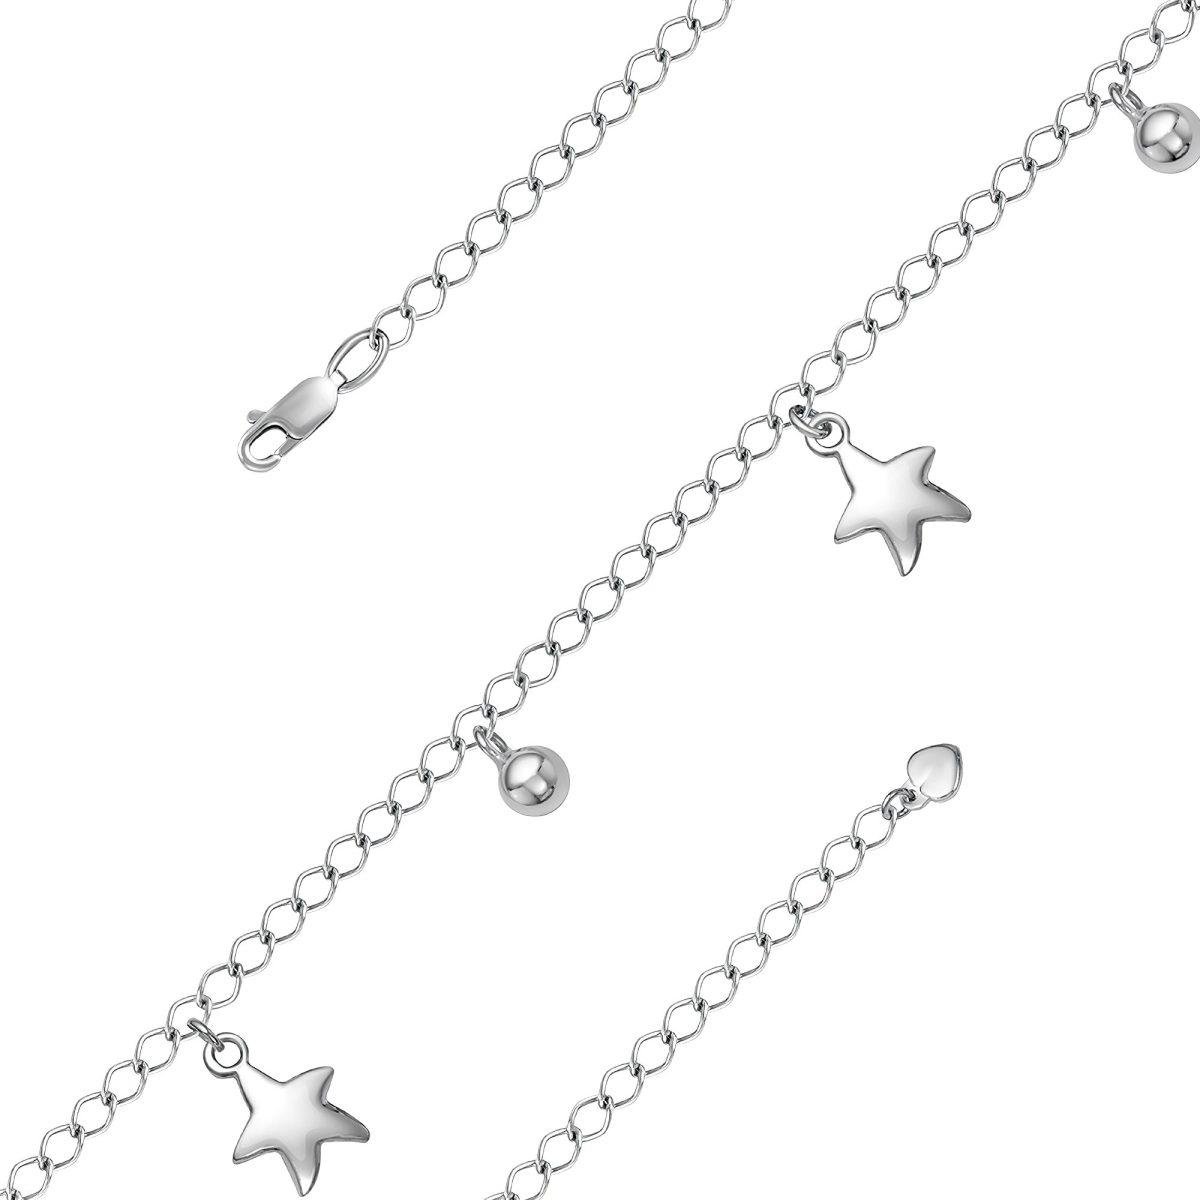 Симпатичный браслетик со звездочками